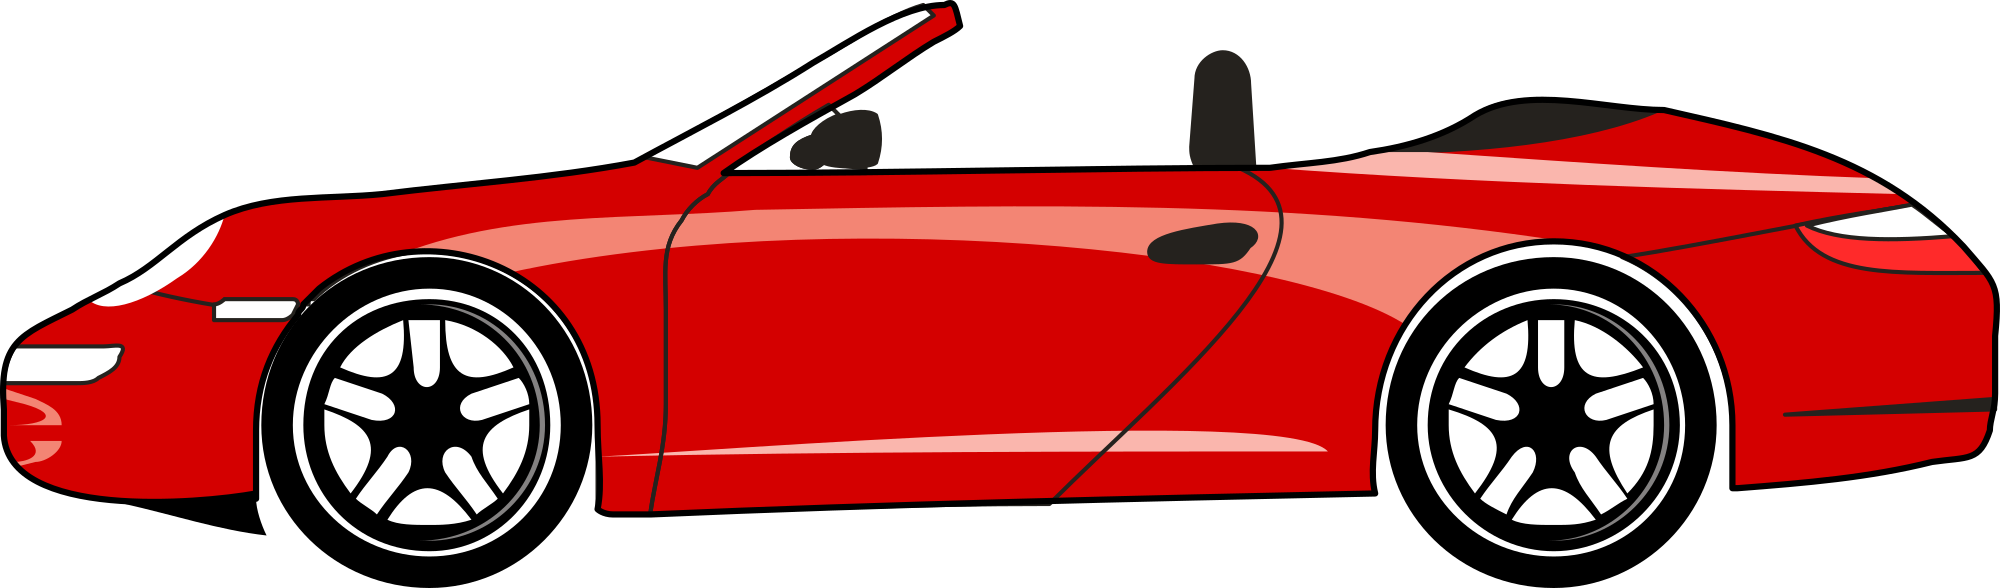 2000x588 Cartoon Convertible Car Group